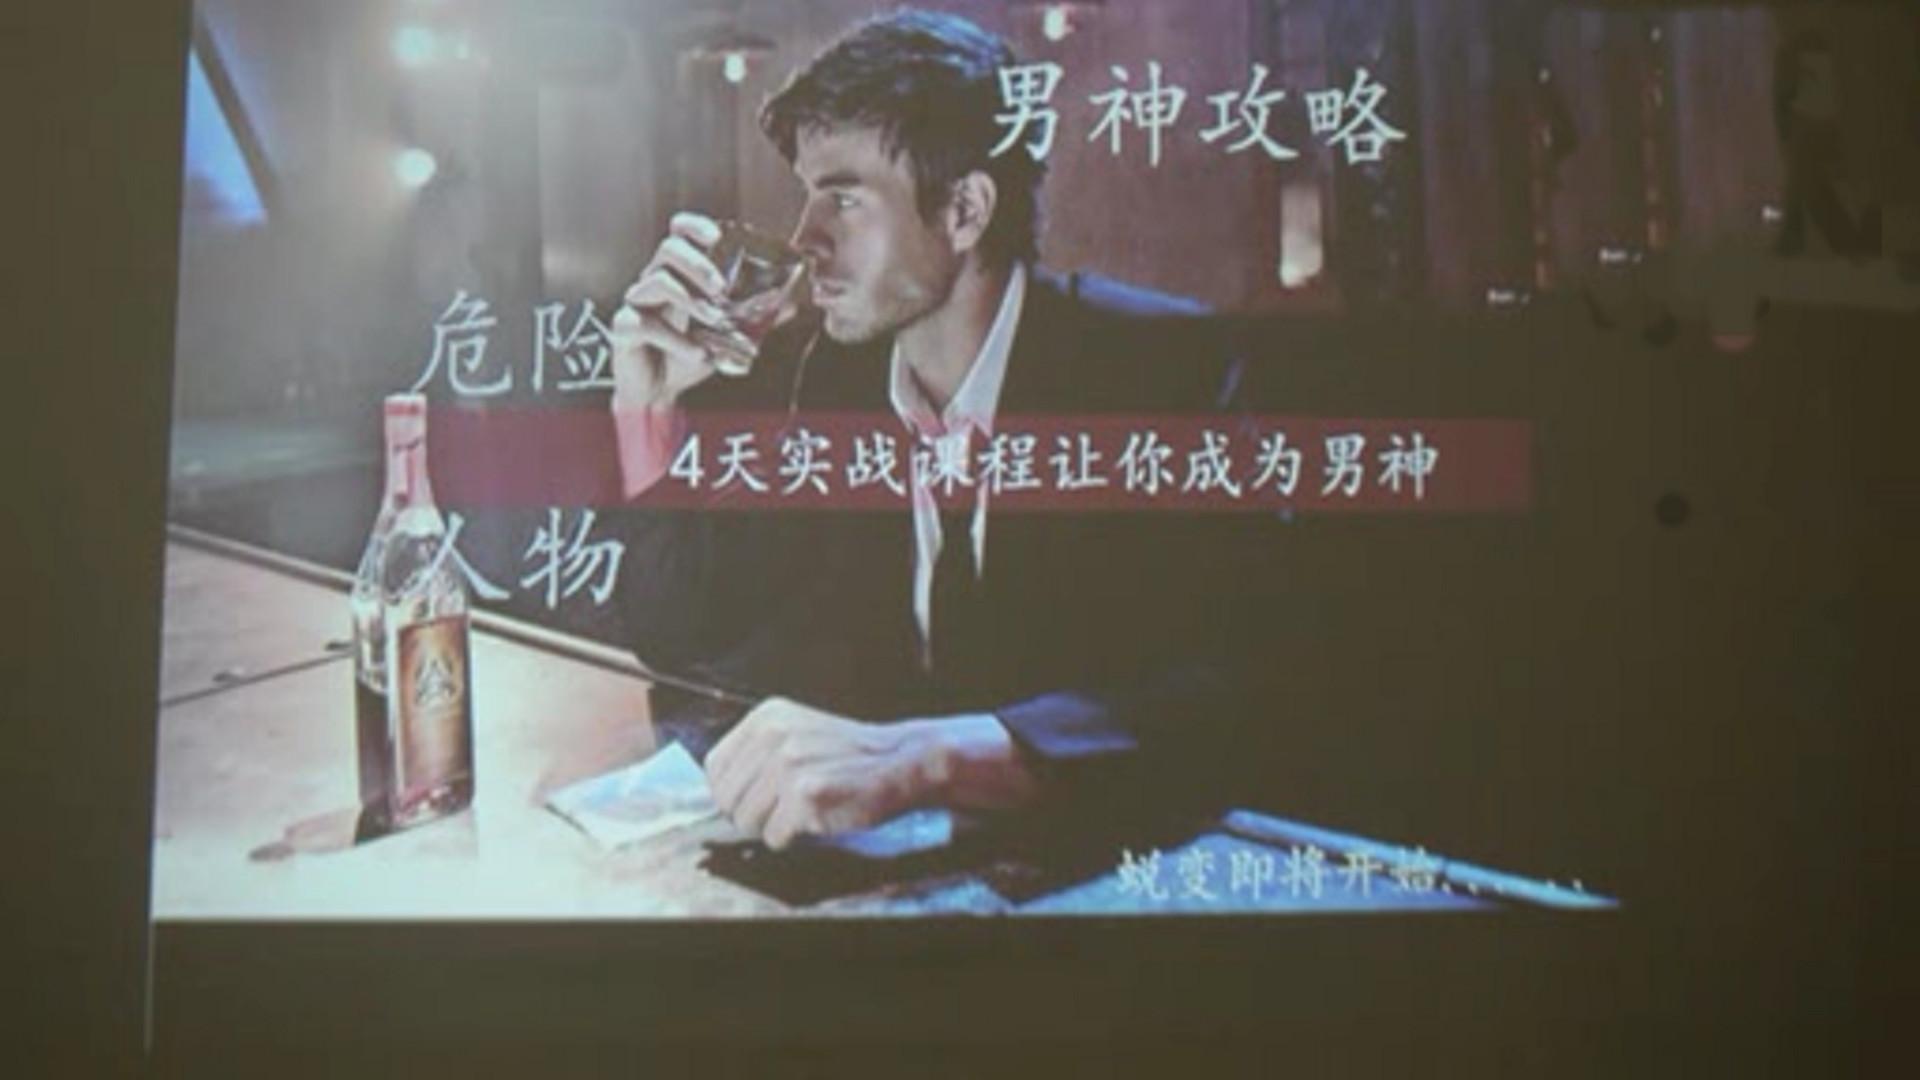 撩妹:男神攻略(恋爱约会系列)